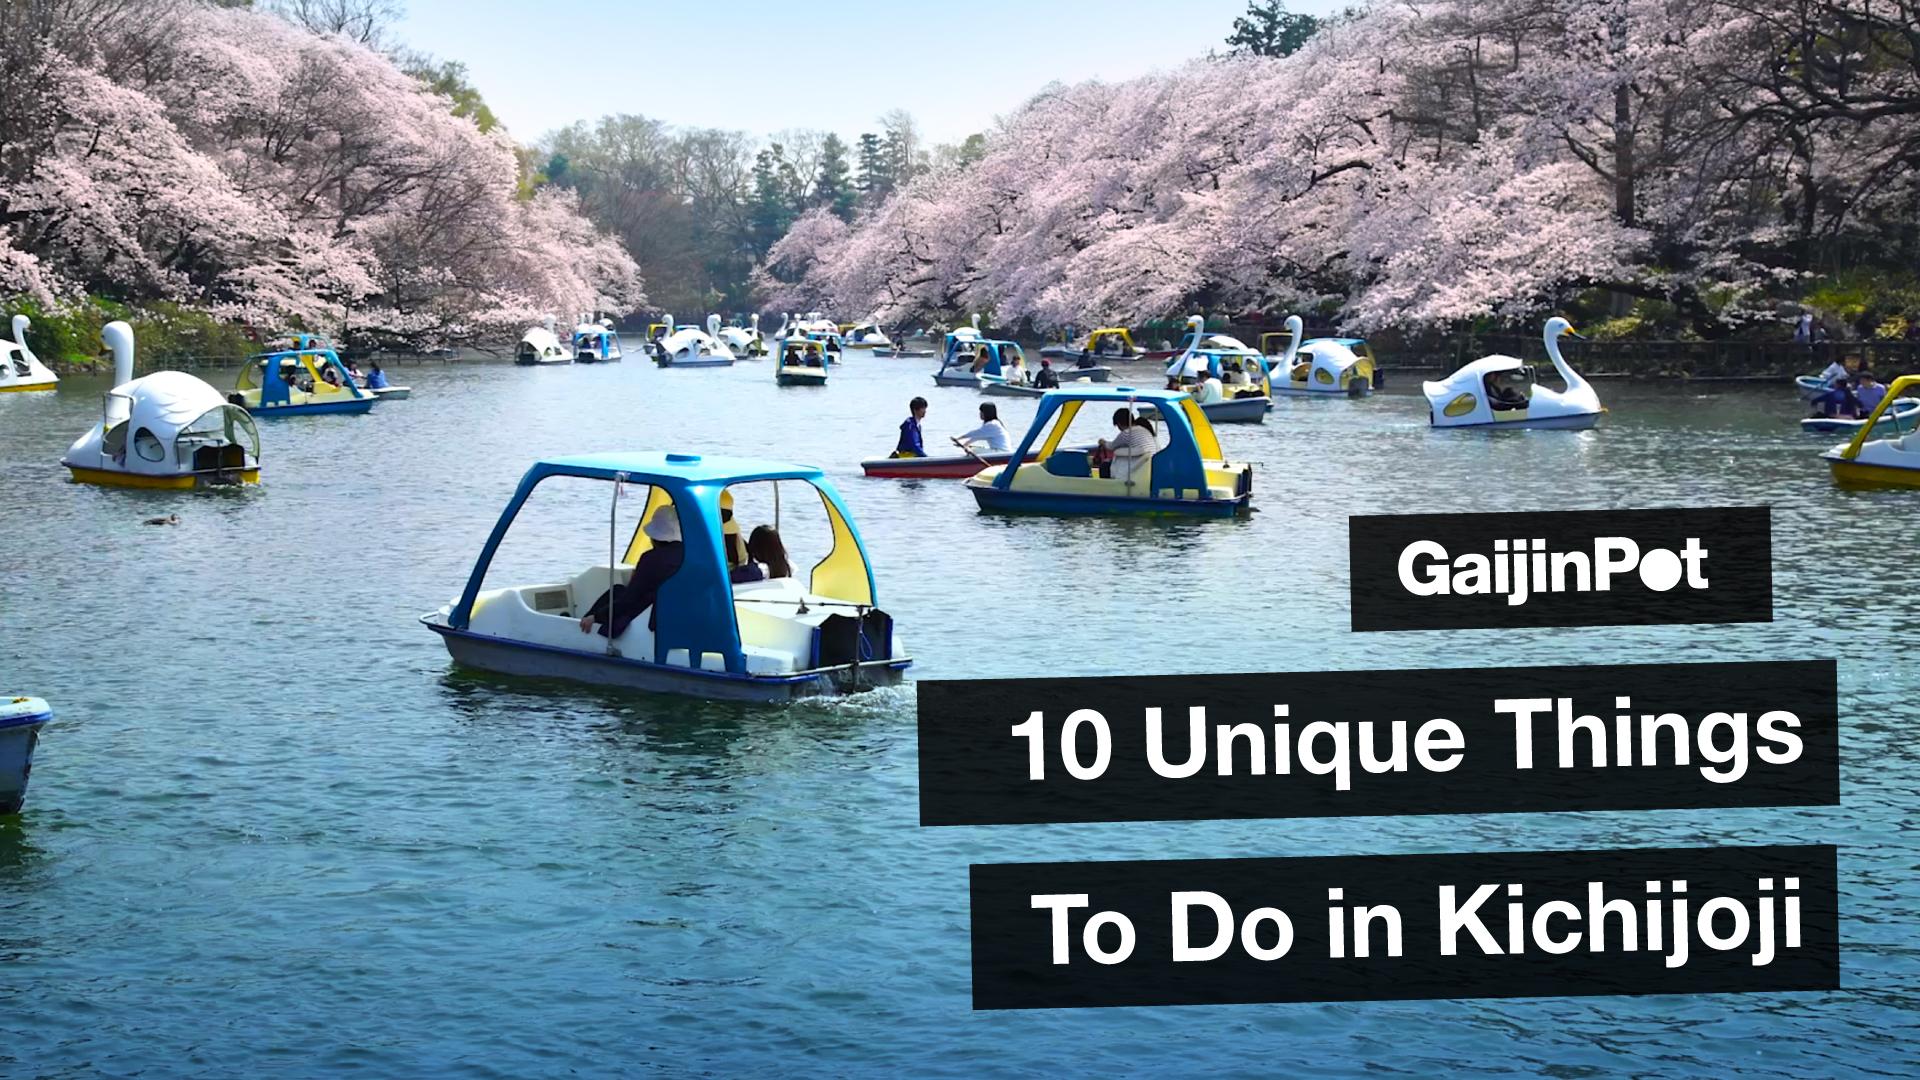 10 Unique Things to Do in Kichijoji - GaijinPot